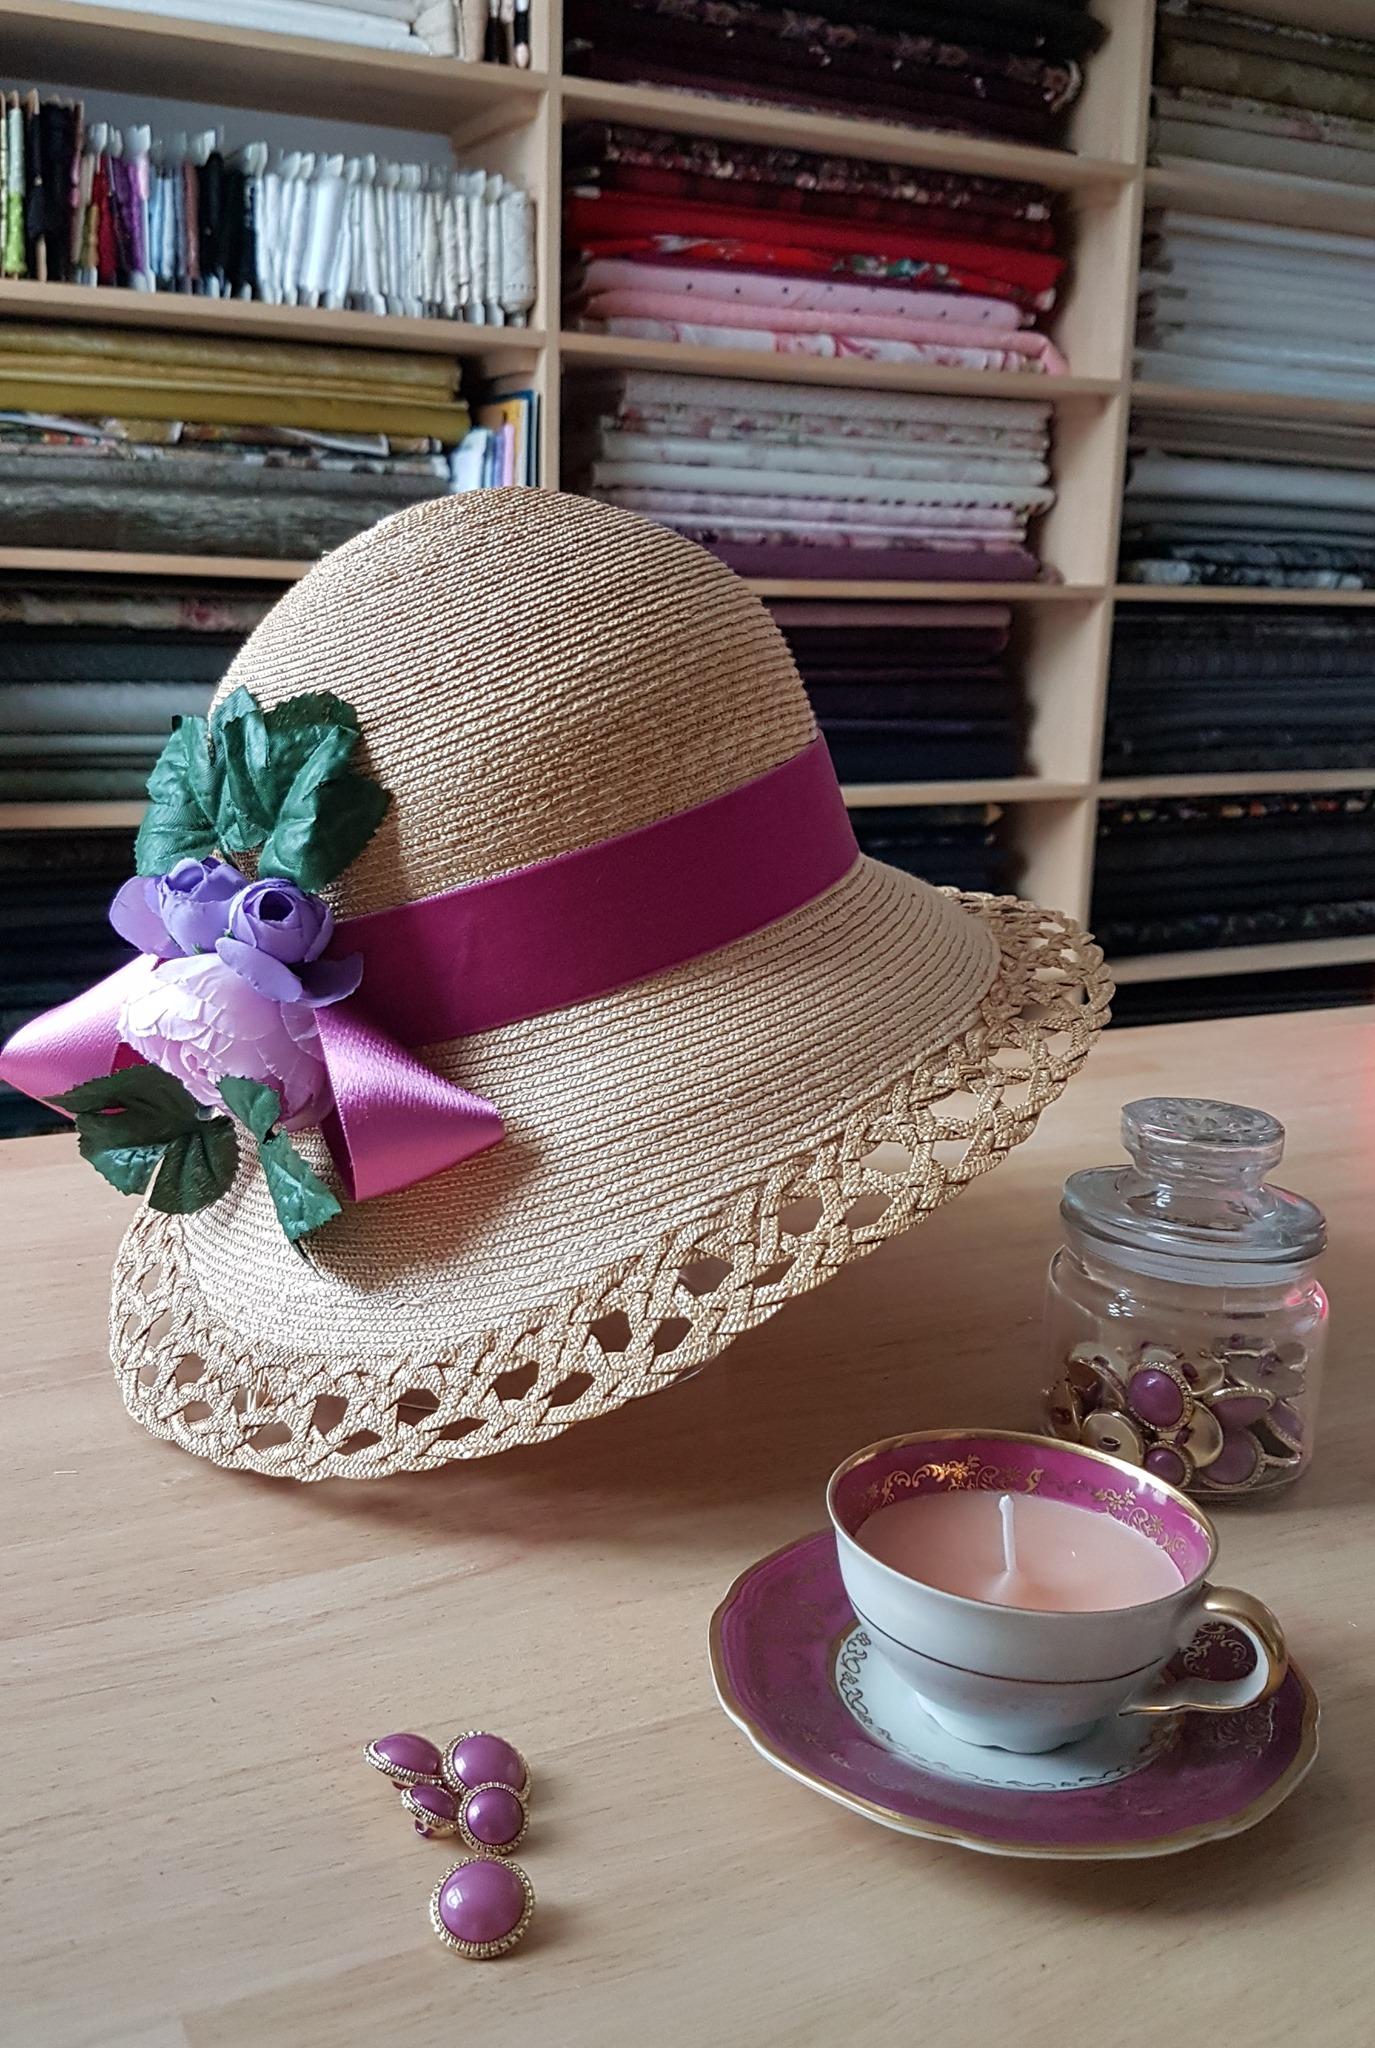 Chapeau de pailles, ruban en velours, fleurs artificielles